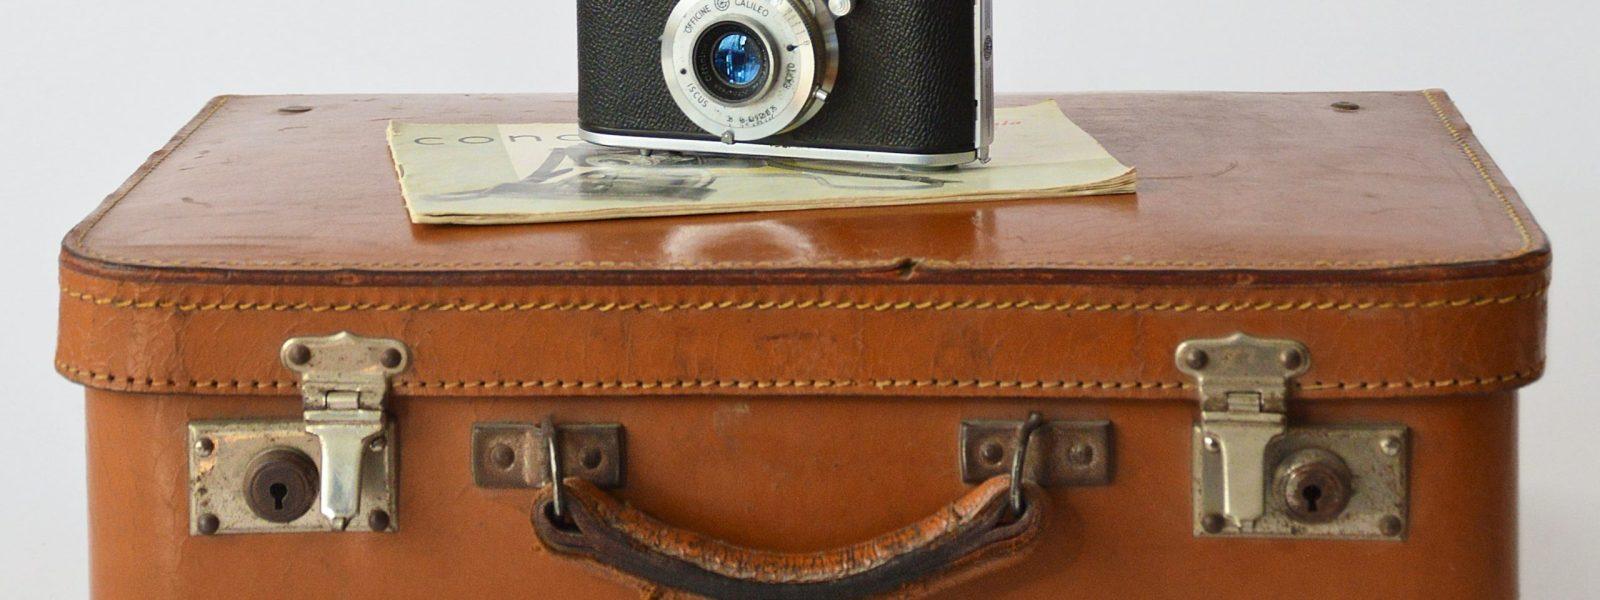 Reistas inpakken: 5 tips om zo licht mogelijk te reizen